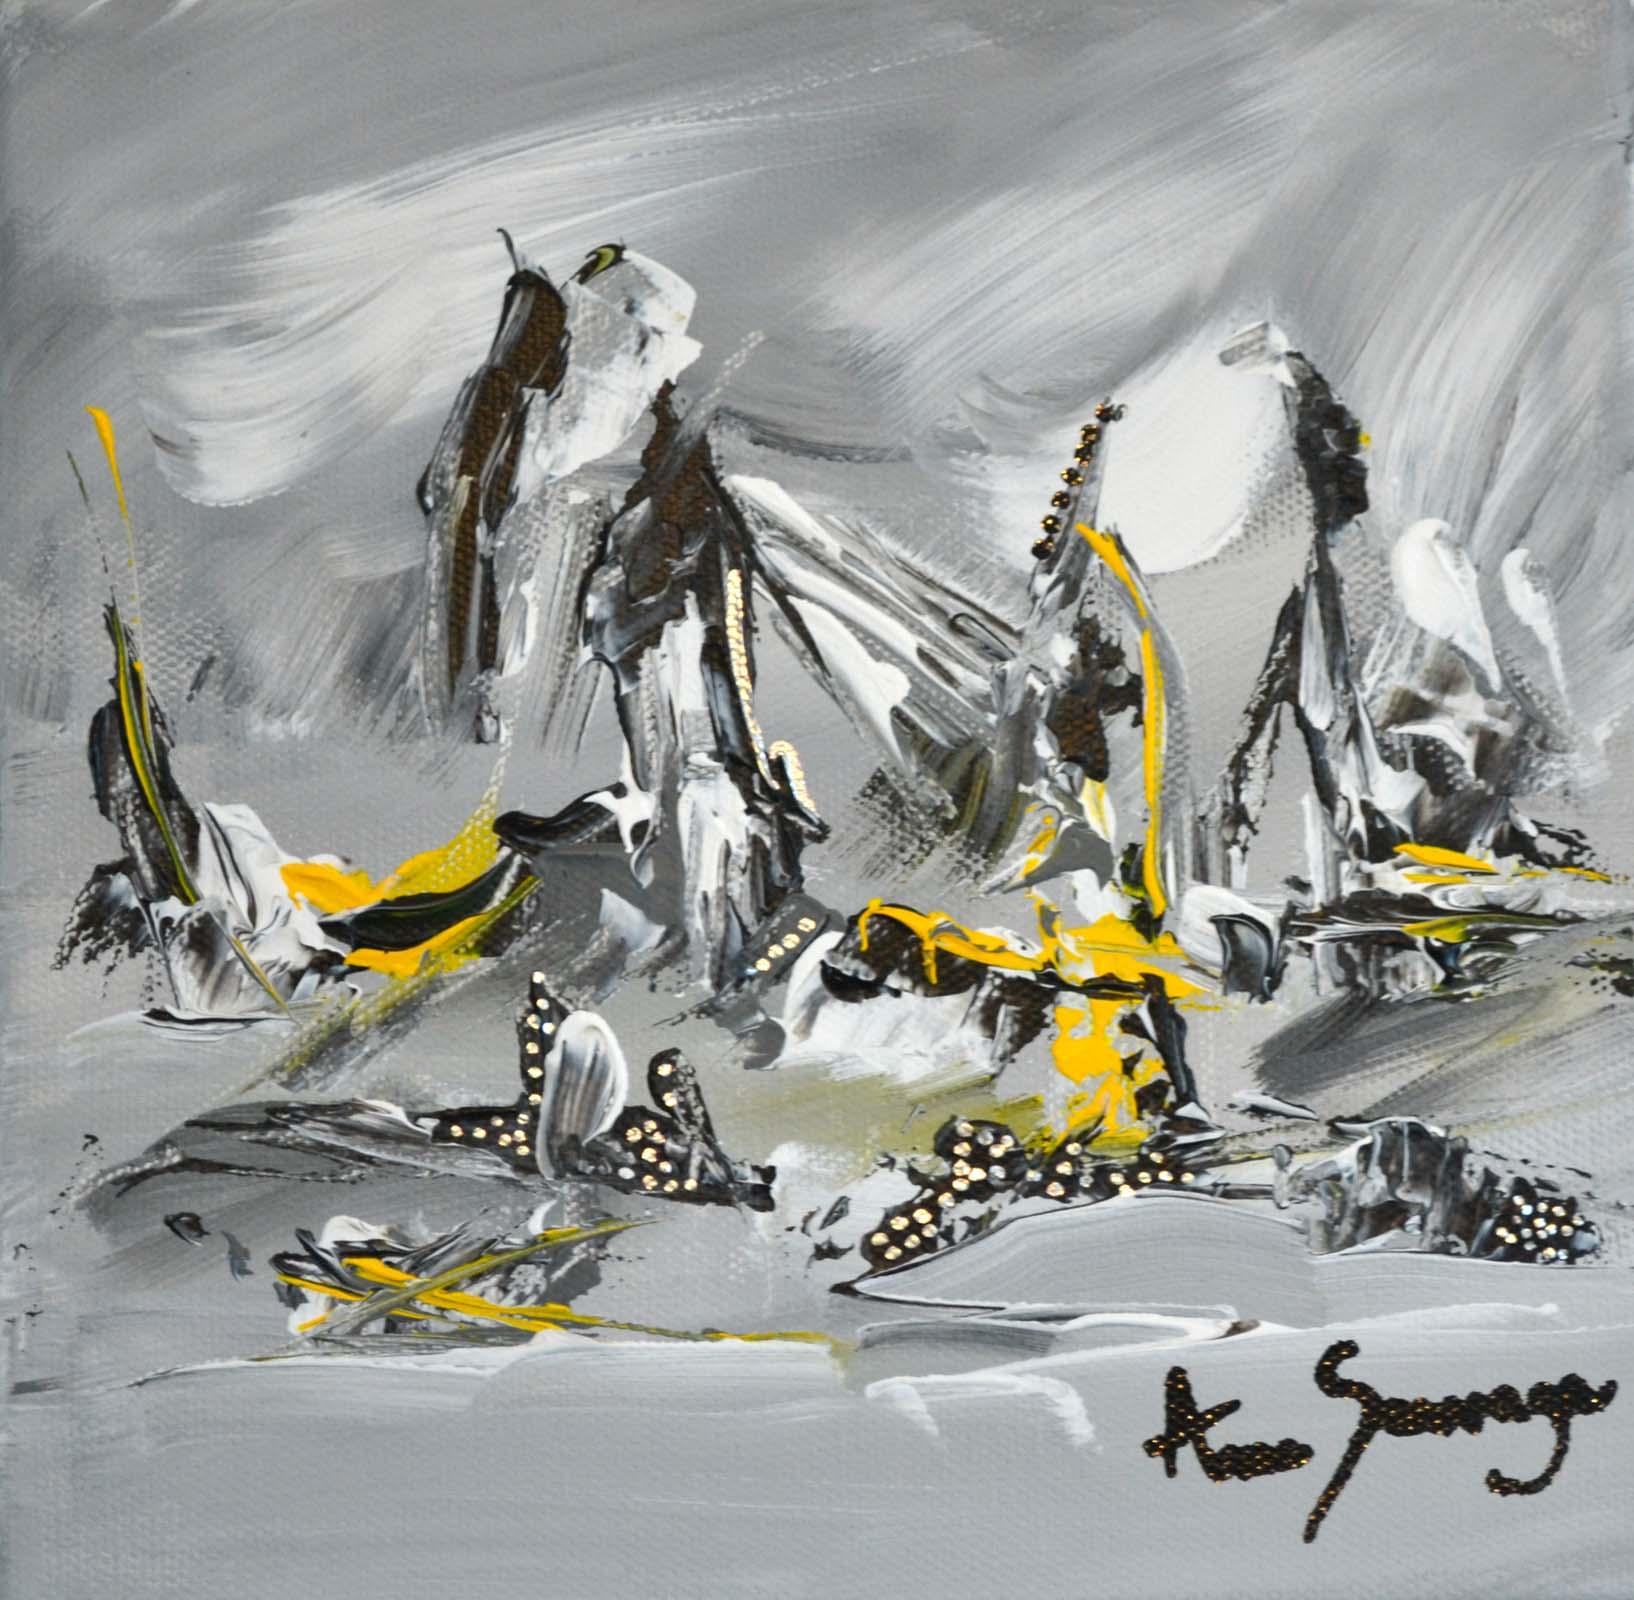 tableau abstrait gris noir blanc jaune